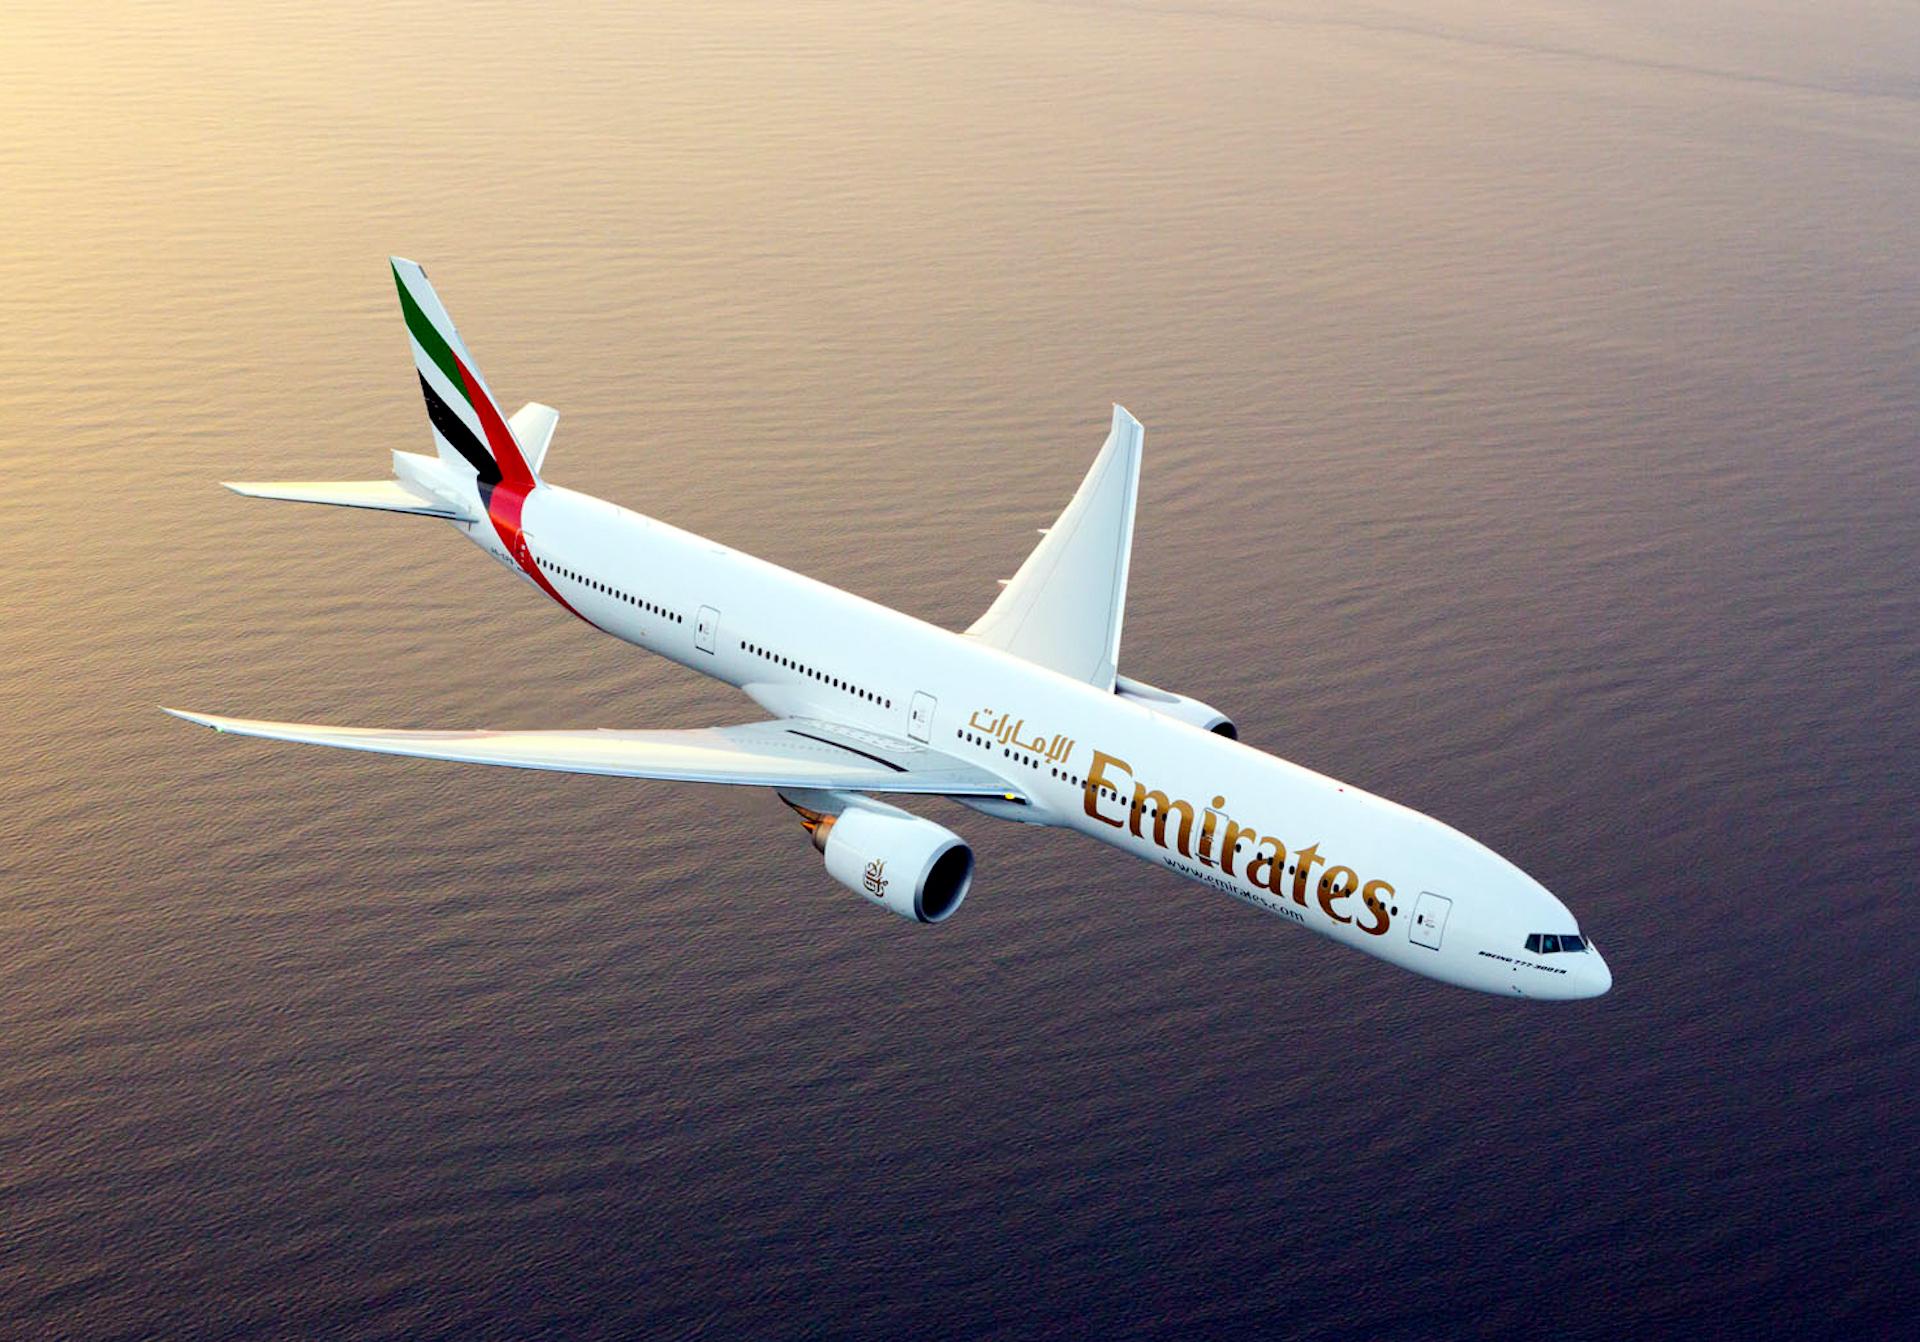 La aerolínea Emirates reanuda sus vuelos a Madrid, París, Londres y más